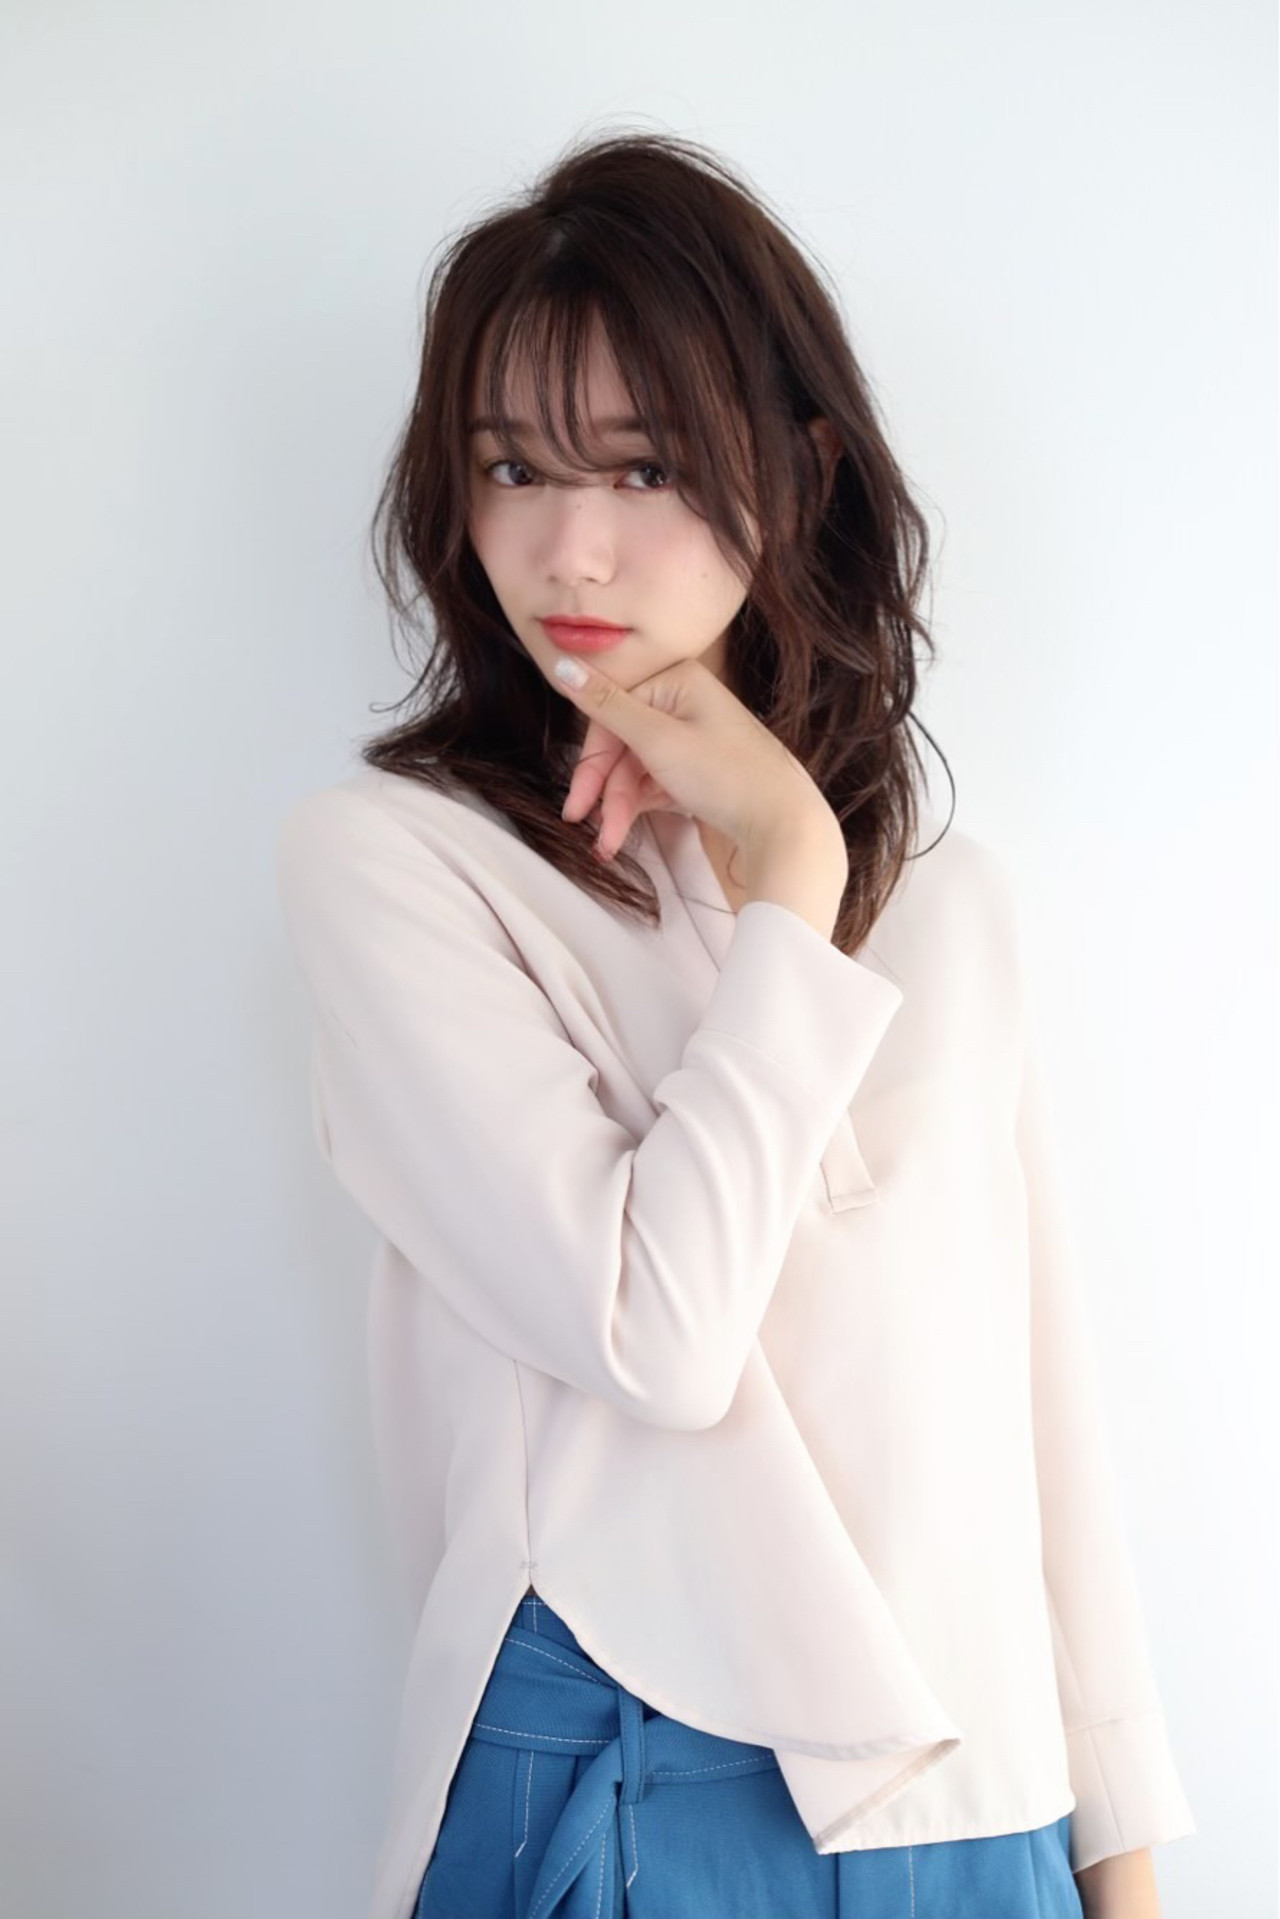 30代女性の憧れ♡田中みな実さんのヘアスタイルのヒミツ、徹底解剖